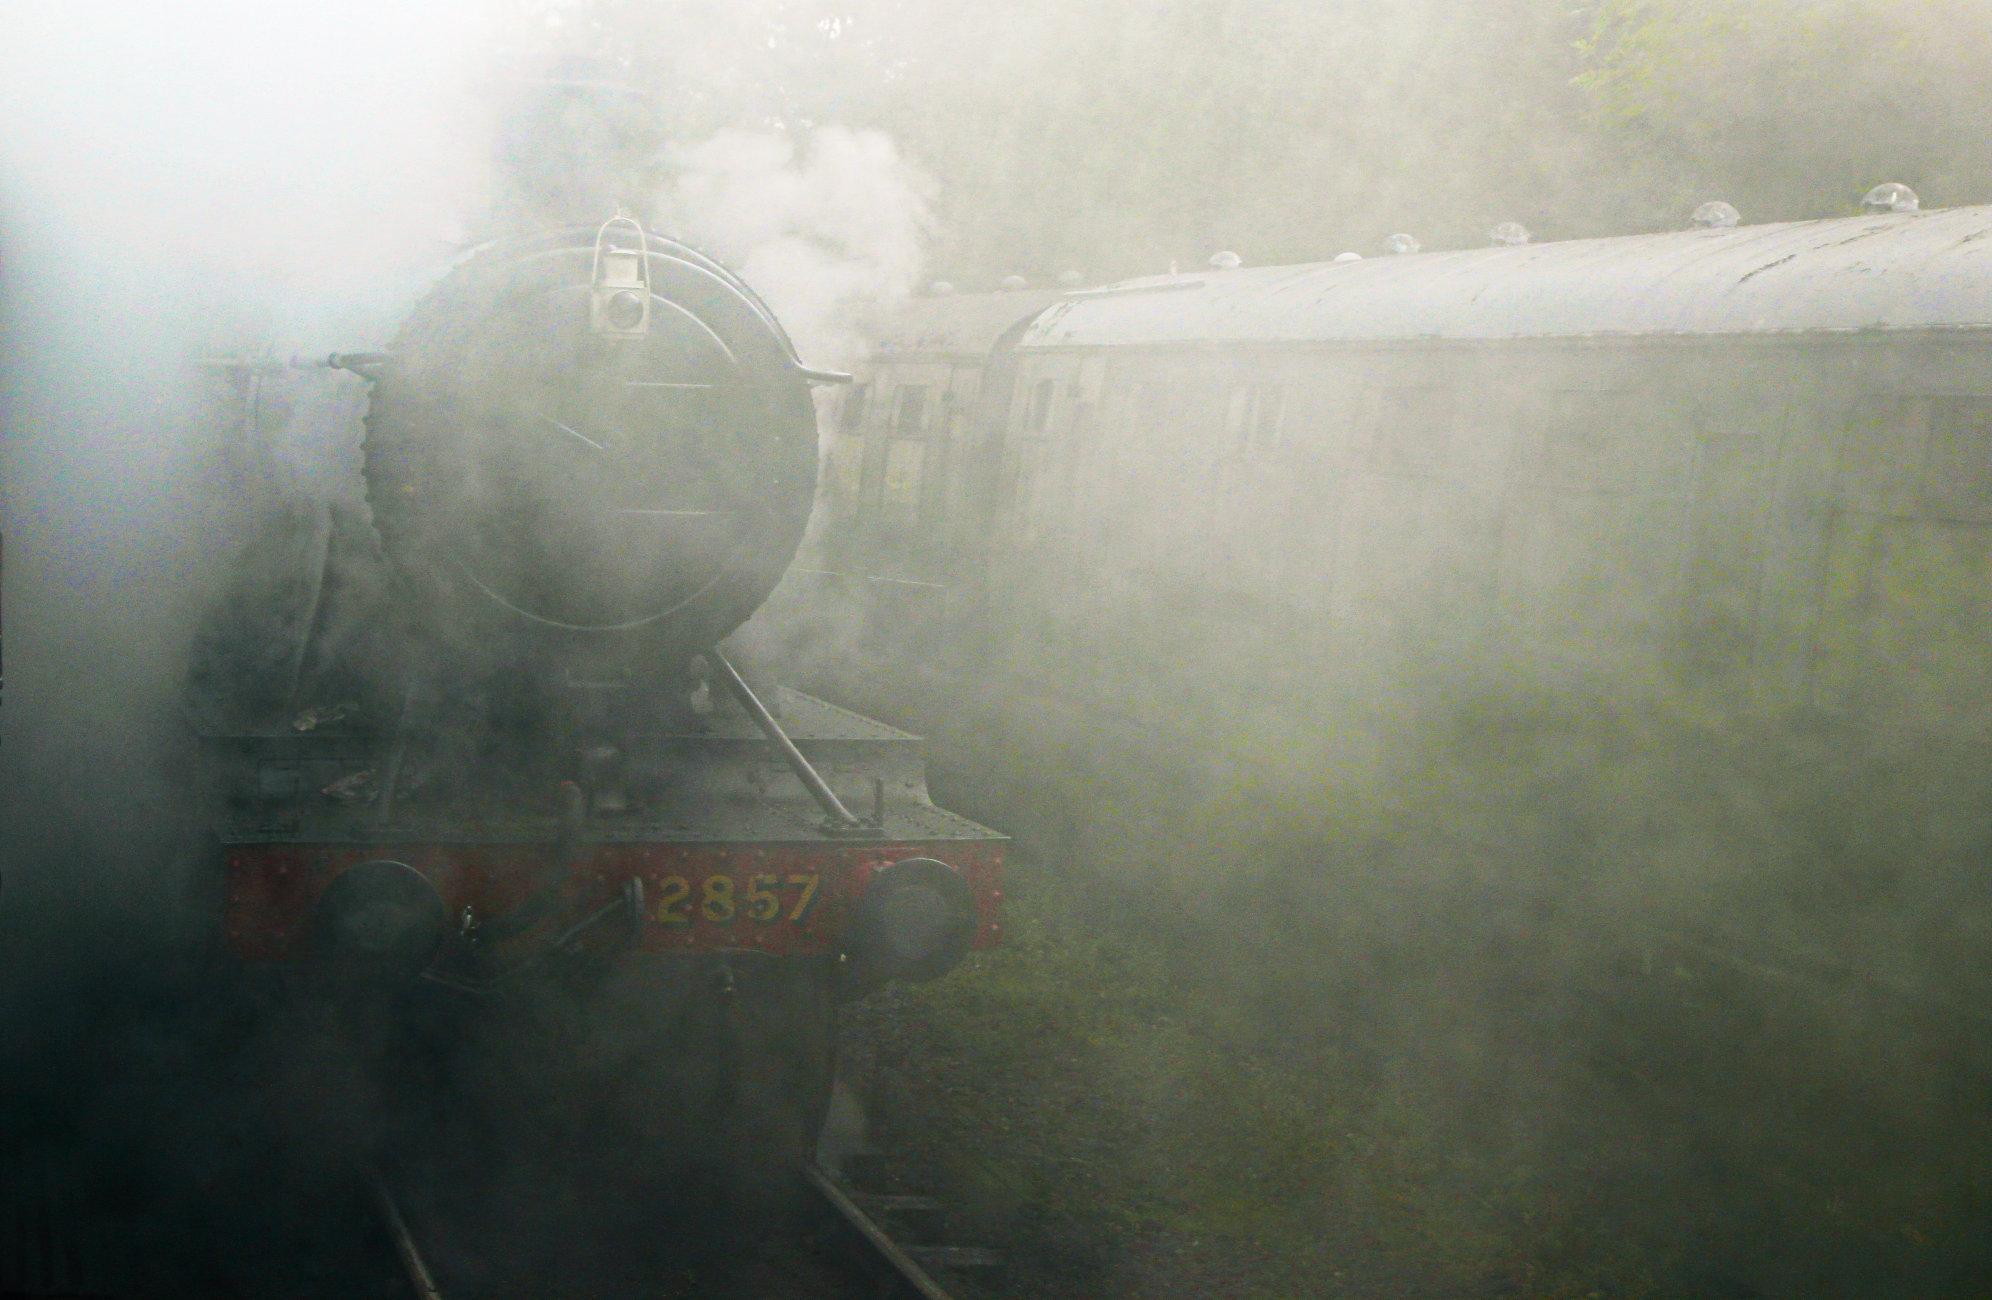 A steamy departure